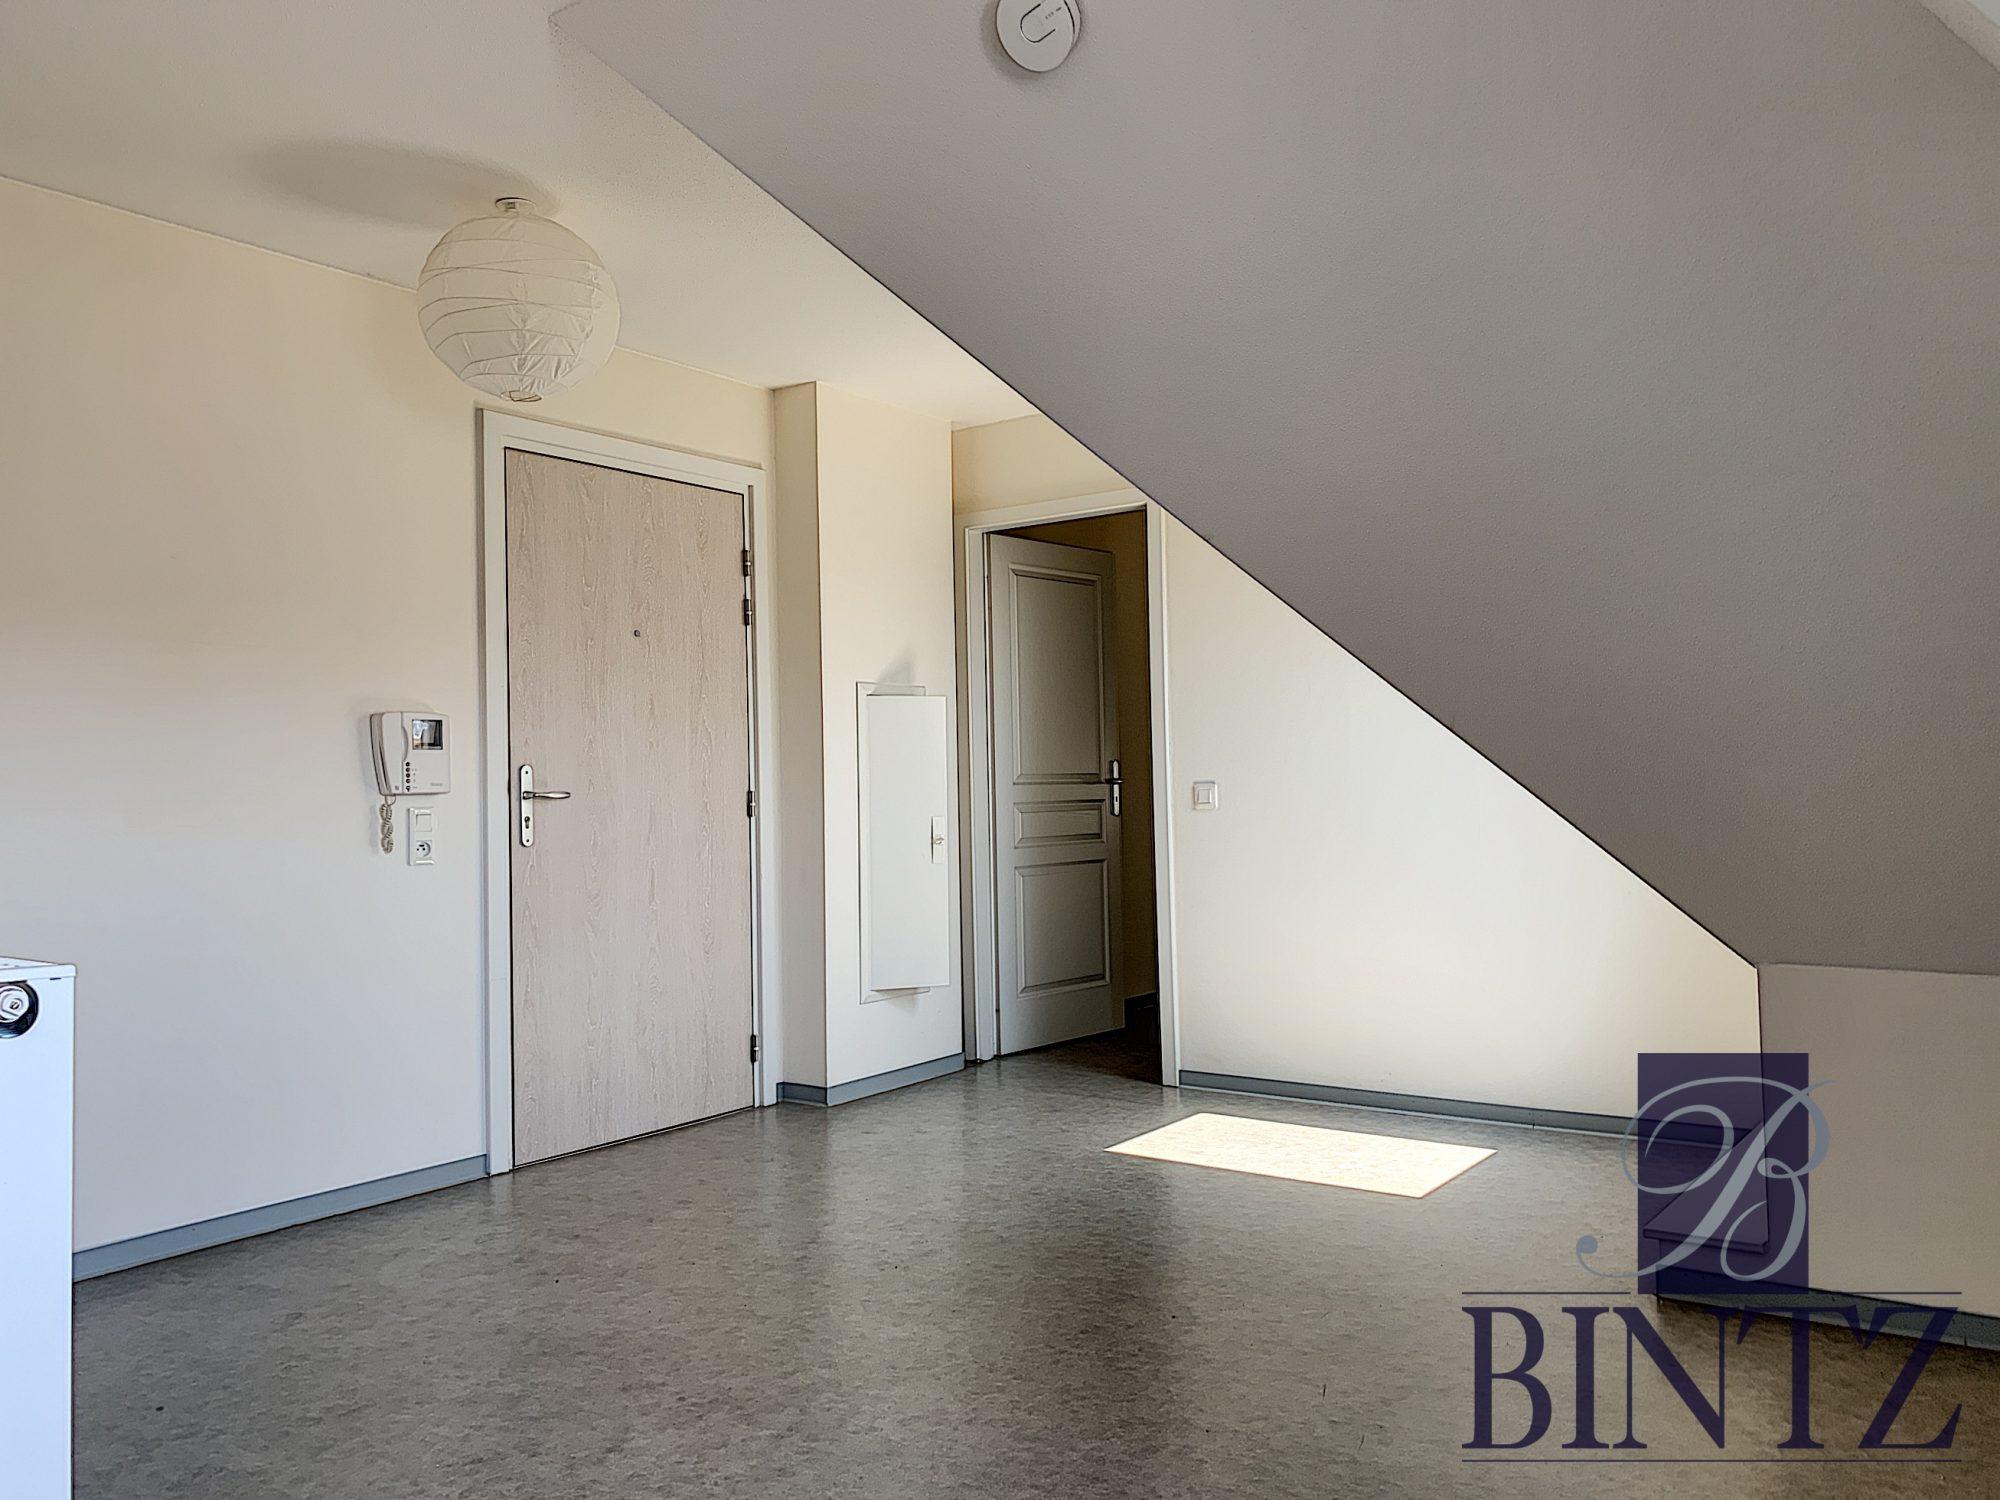 2 PIÈCES AVEC PARKING SCHILTIGHEIM - Devenez propriétaire en toute confiance - Bintz Immobilier - 5